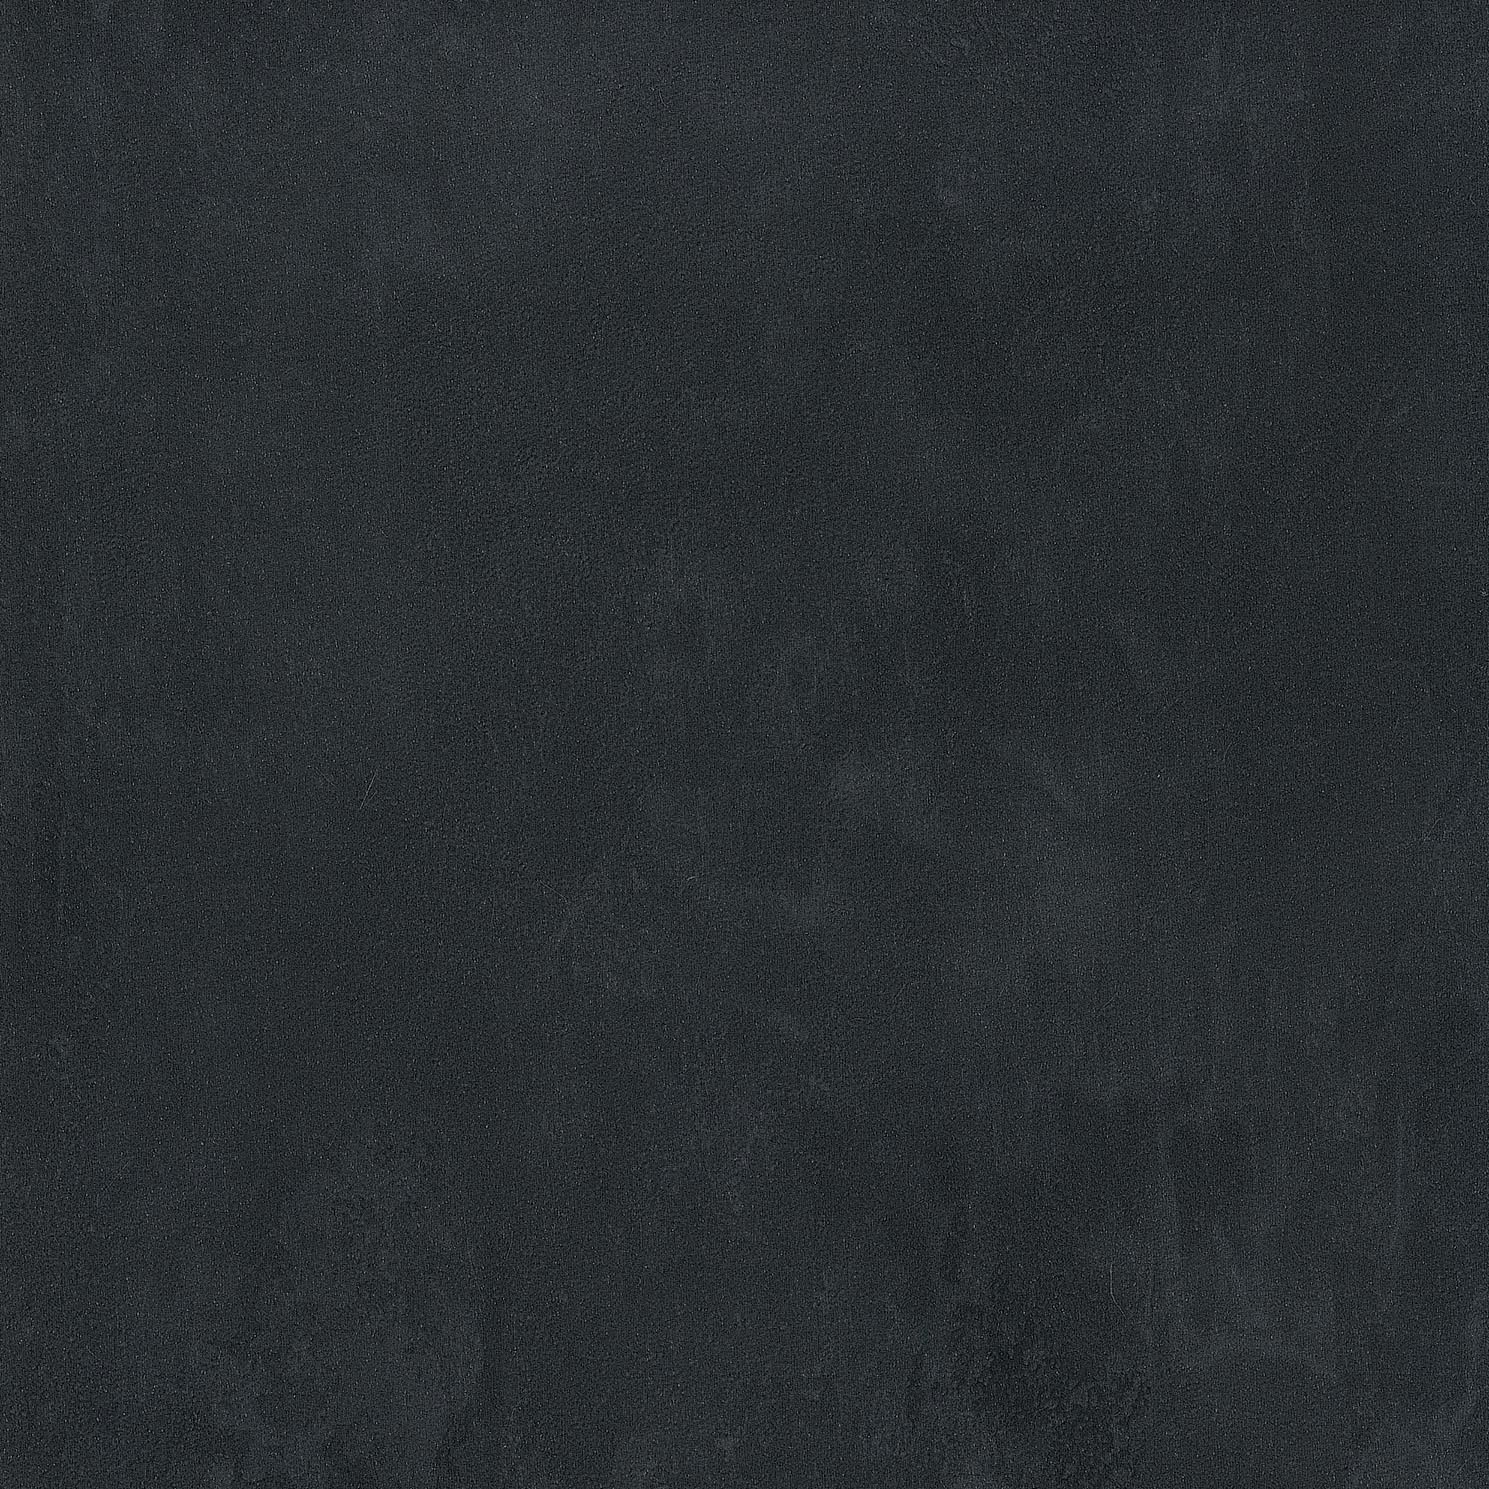 MAT 89A Soft Black Oxide/MAT 89A